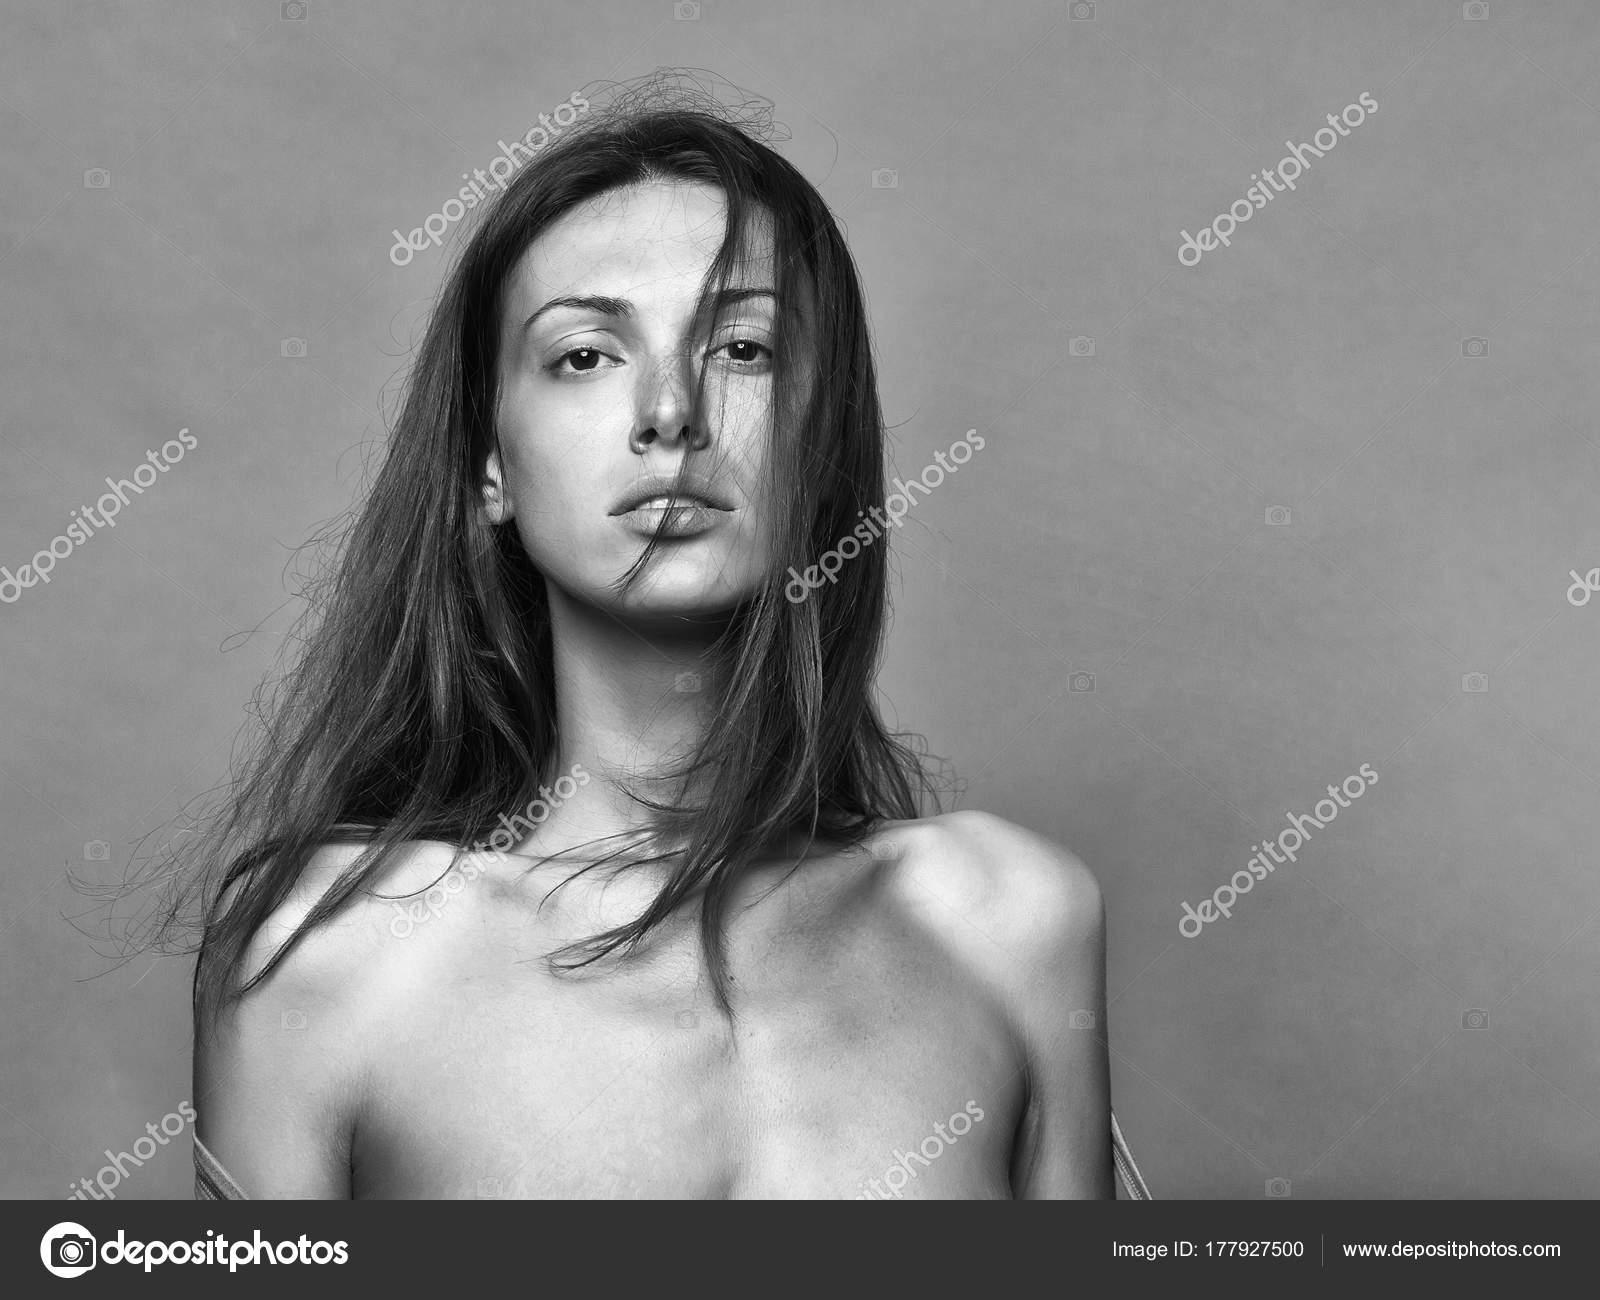 Porn pics girls naked